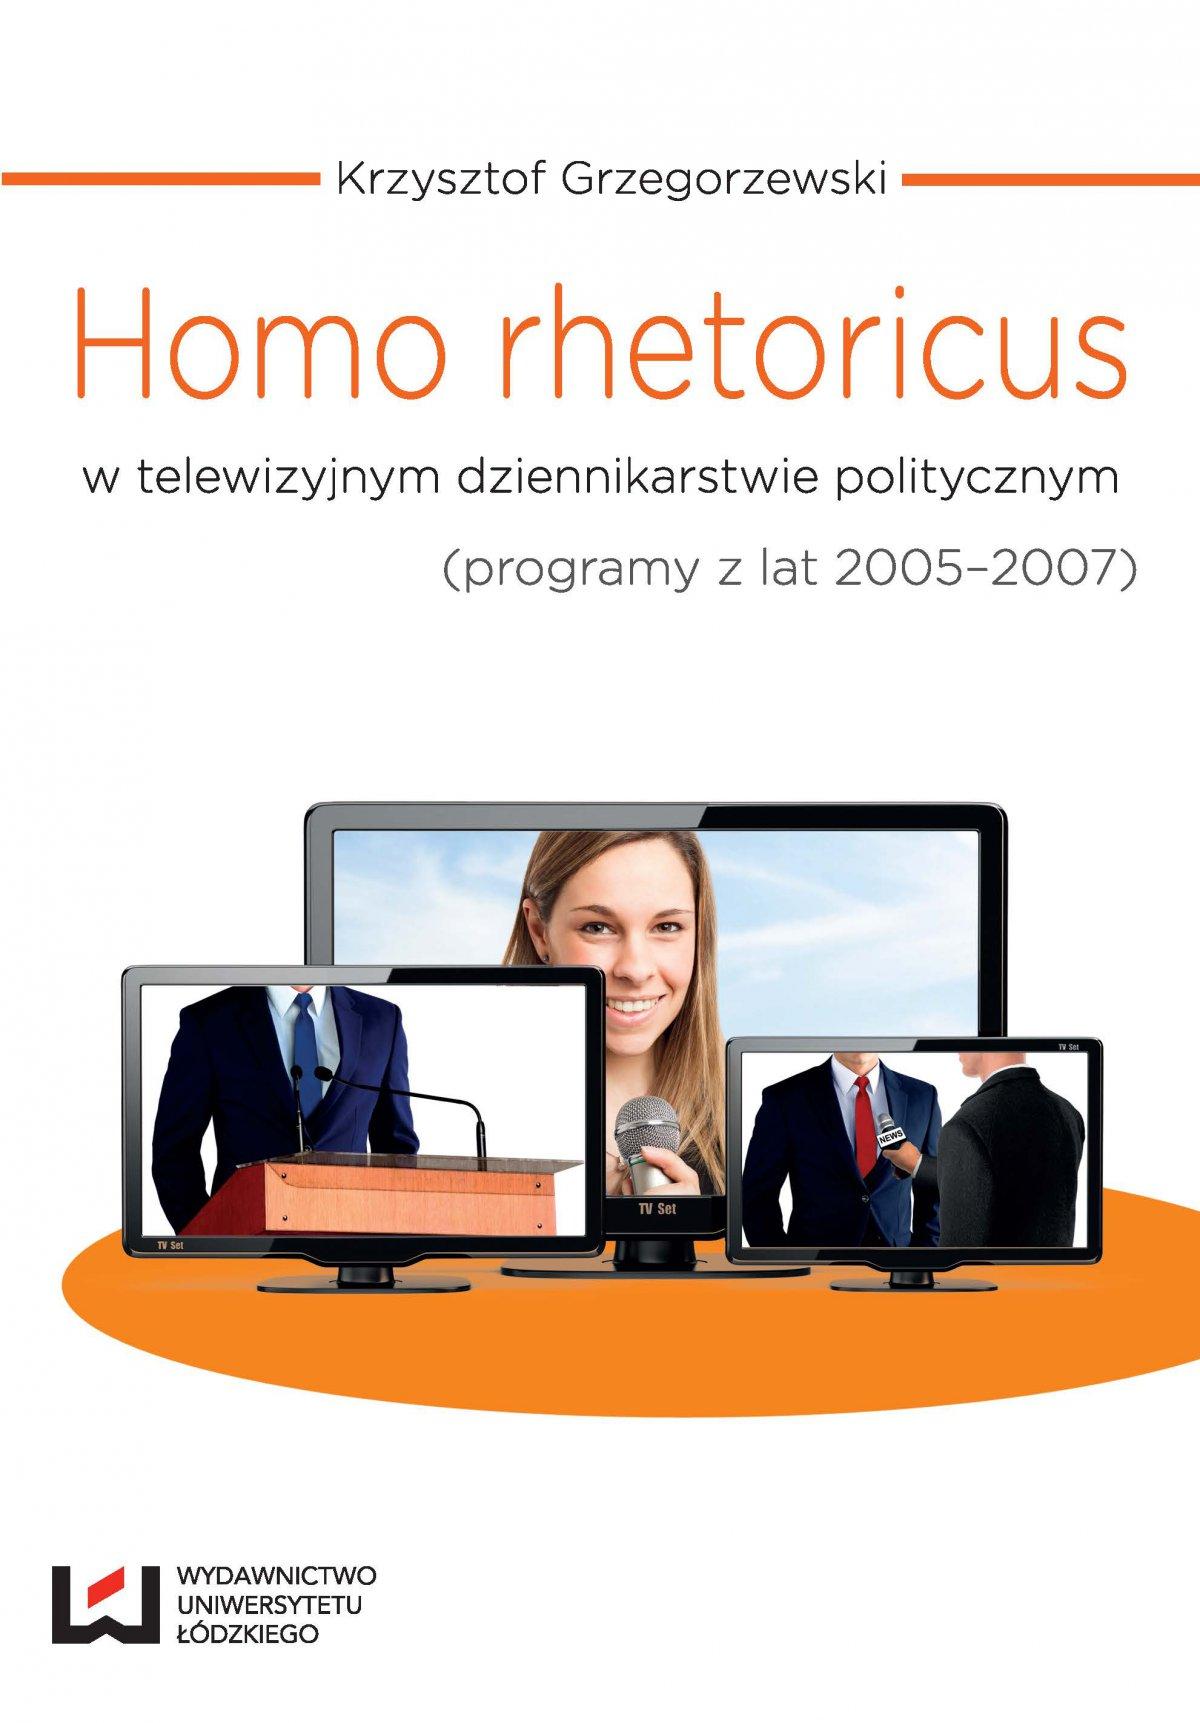 Homo rhetoricus w telewizyjnym dziennikarstwie politycznym (programy z lat 2005-2007) - Ebook (Książka PDF) do pobrania w formacie PDF